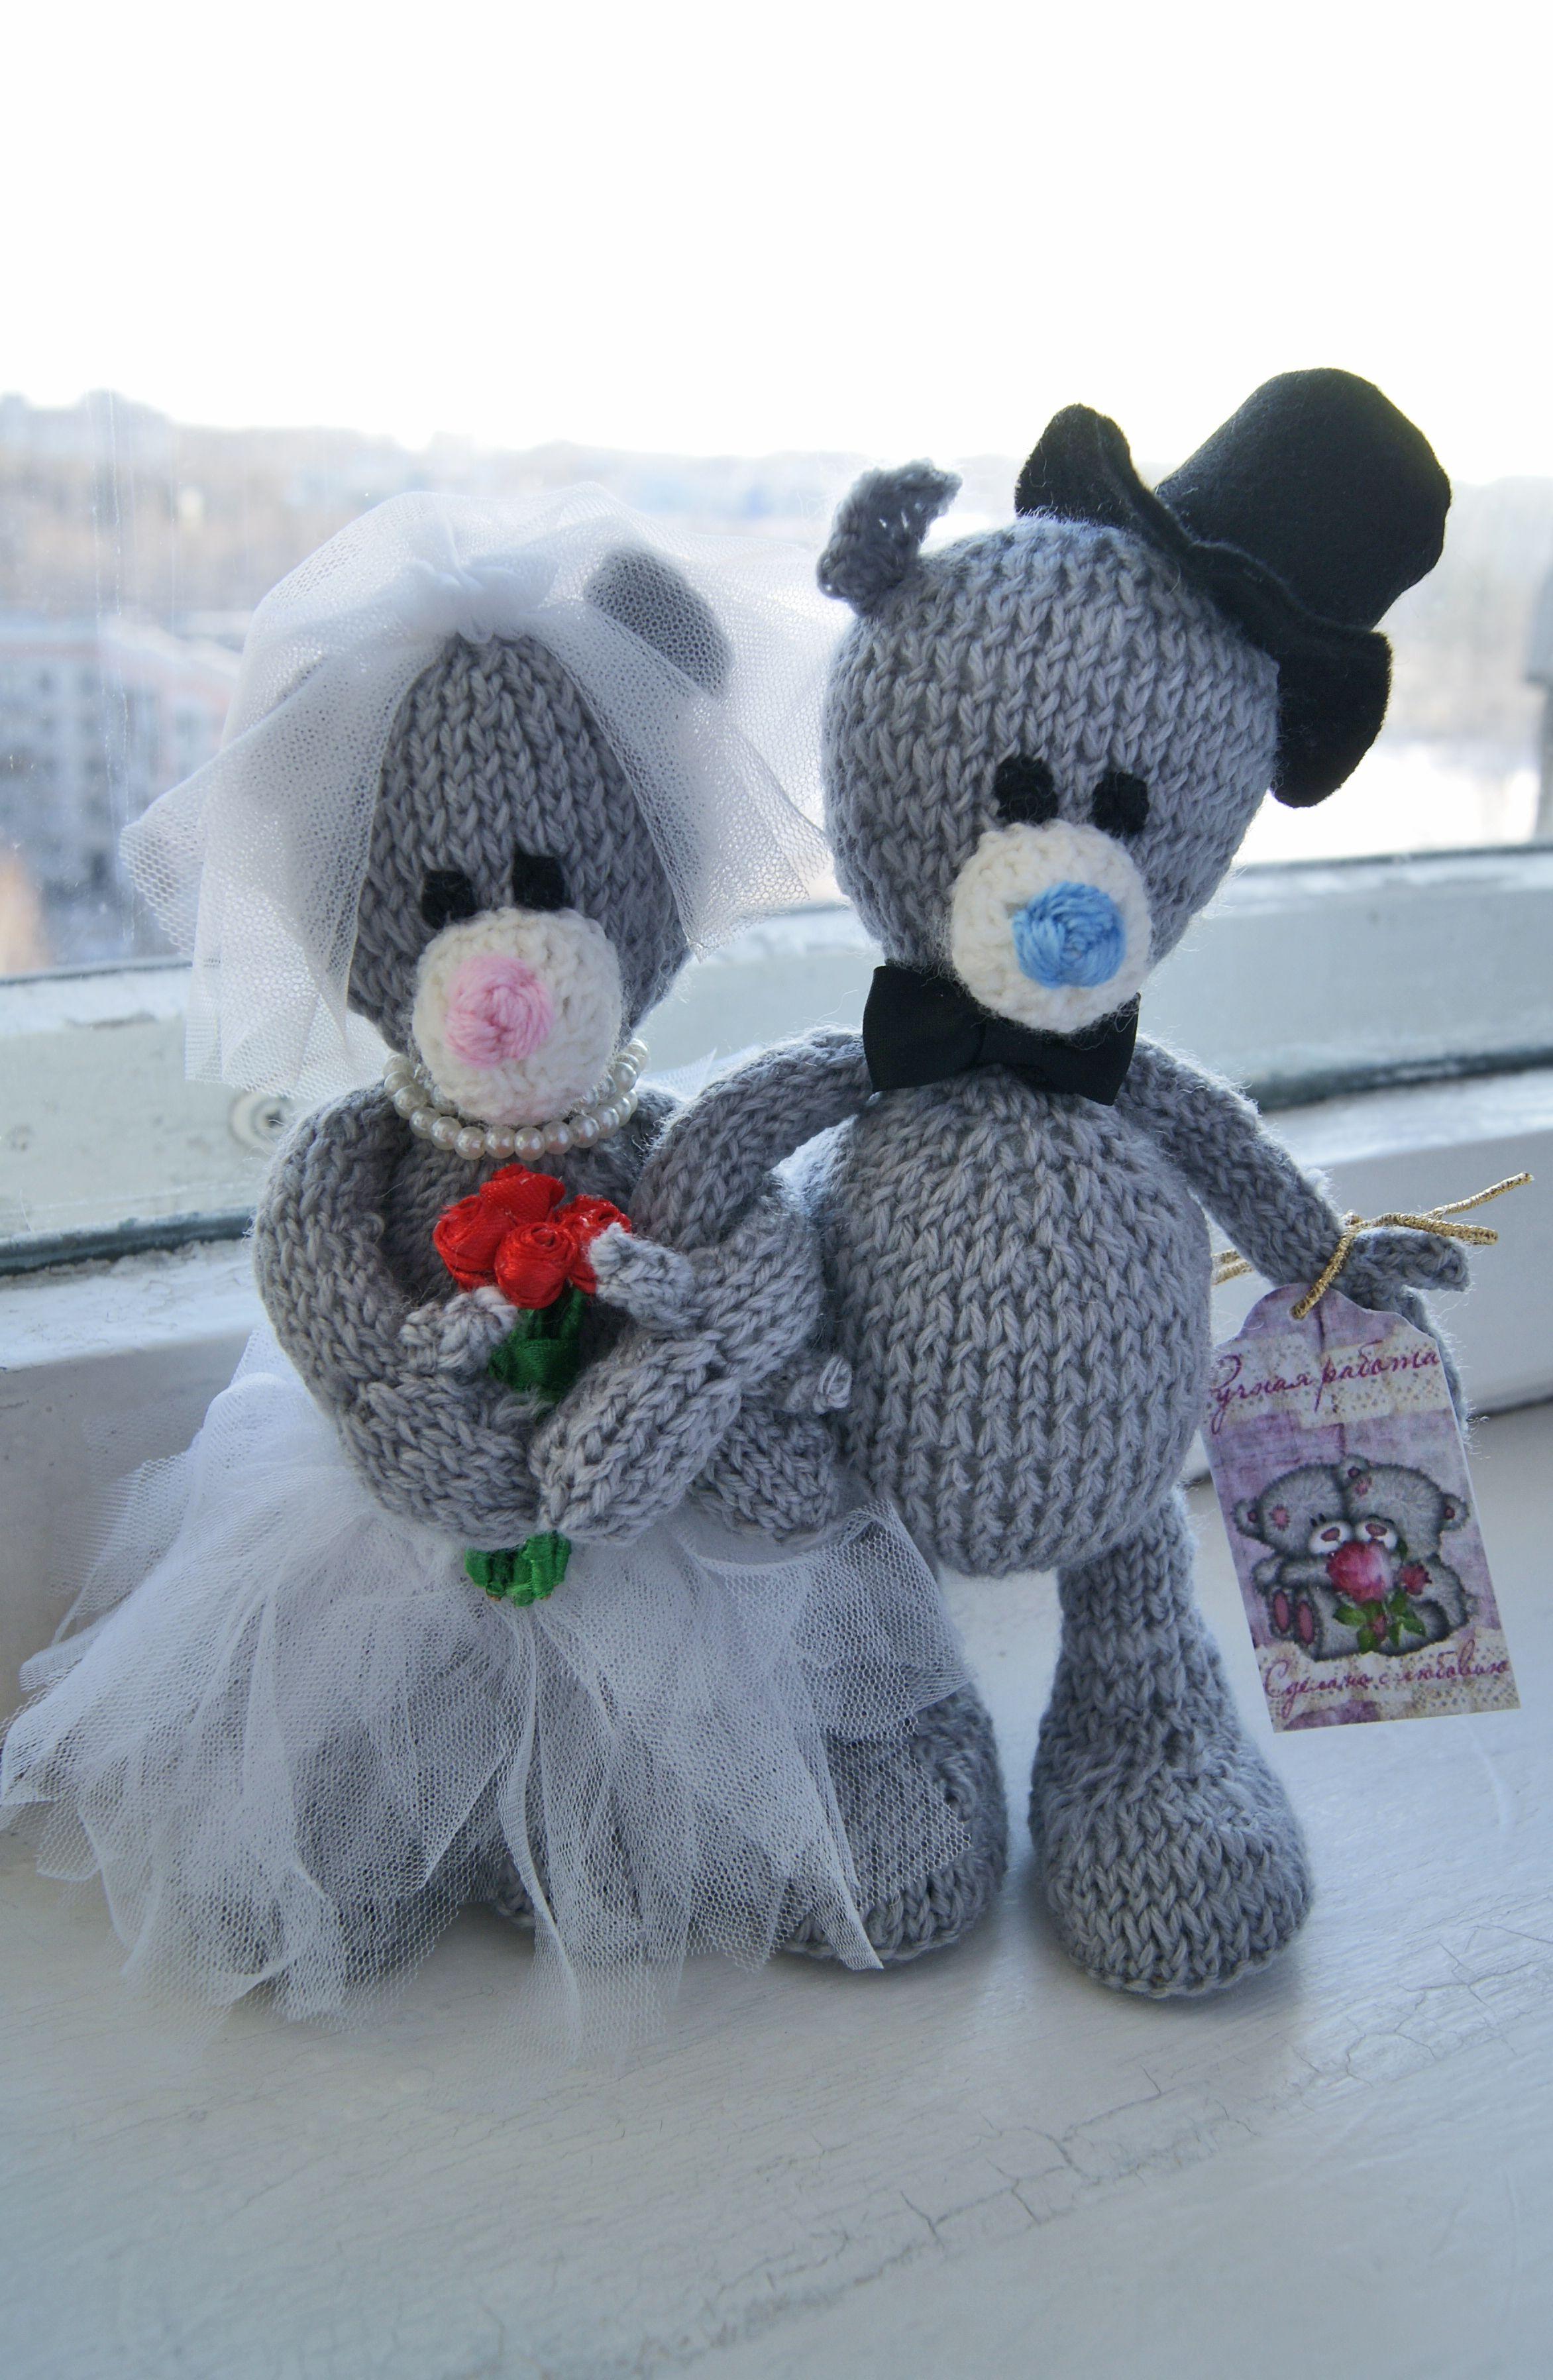 жених медведь мишка игрушка вязание уют женихиневеста вяжуназаказ. семья интерьернаяигрушка невеста тепло сувенир подарокнасвадьбу свадьба. тедди вяжутнетолькобабушки подарок вязаниеназаказ